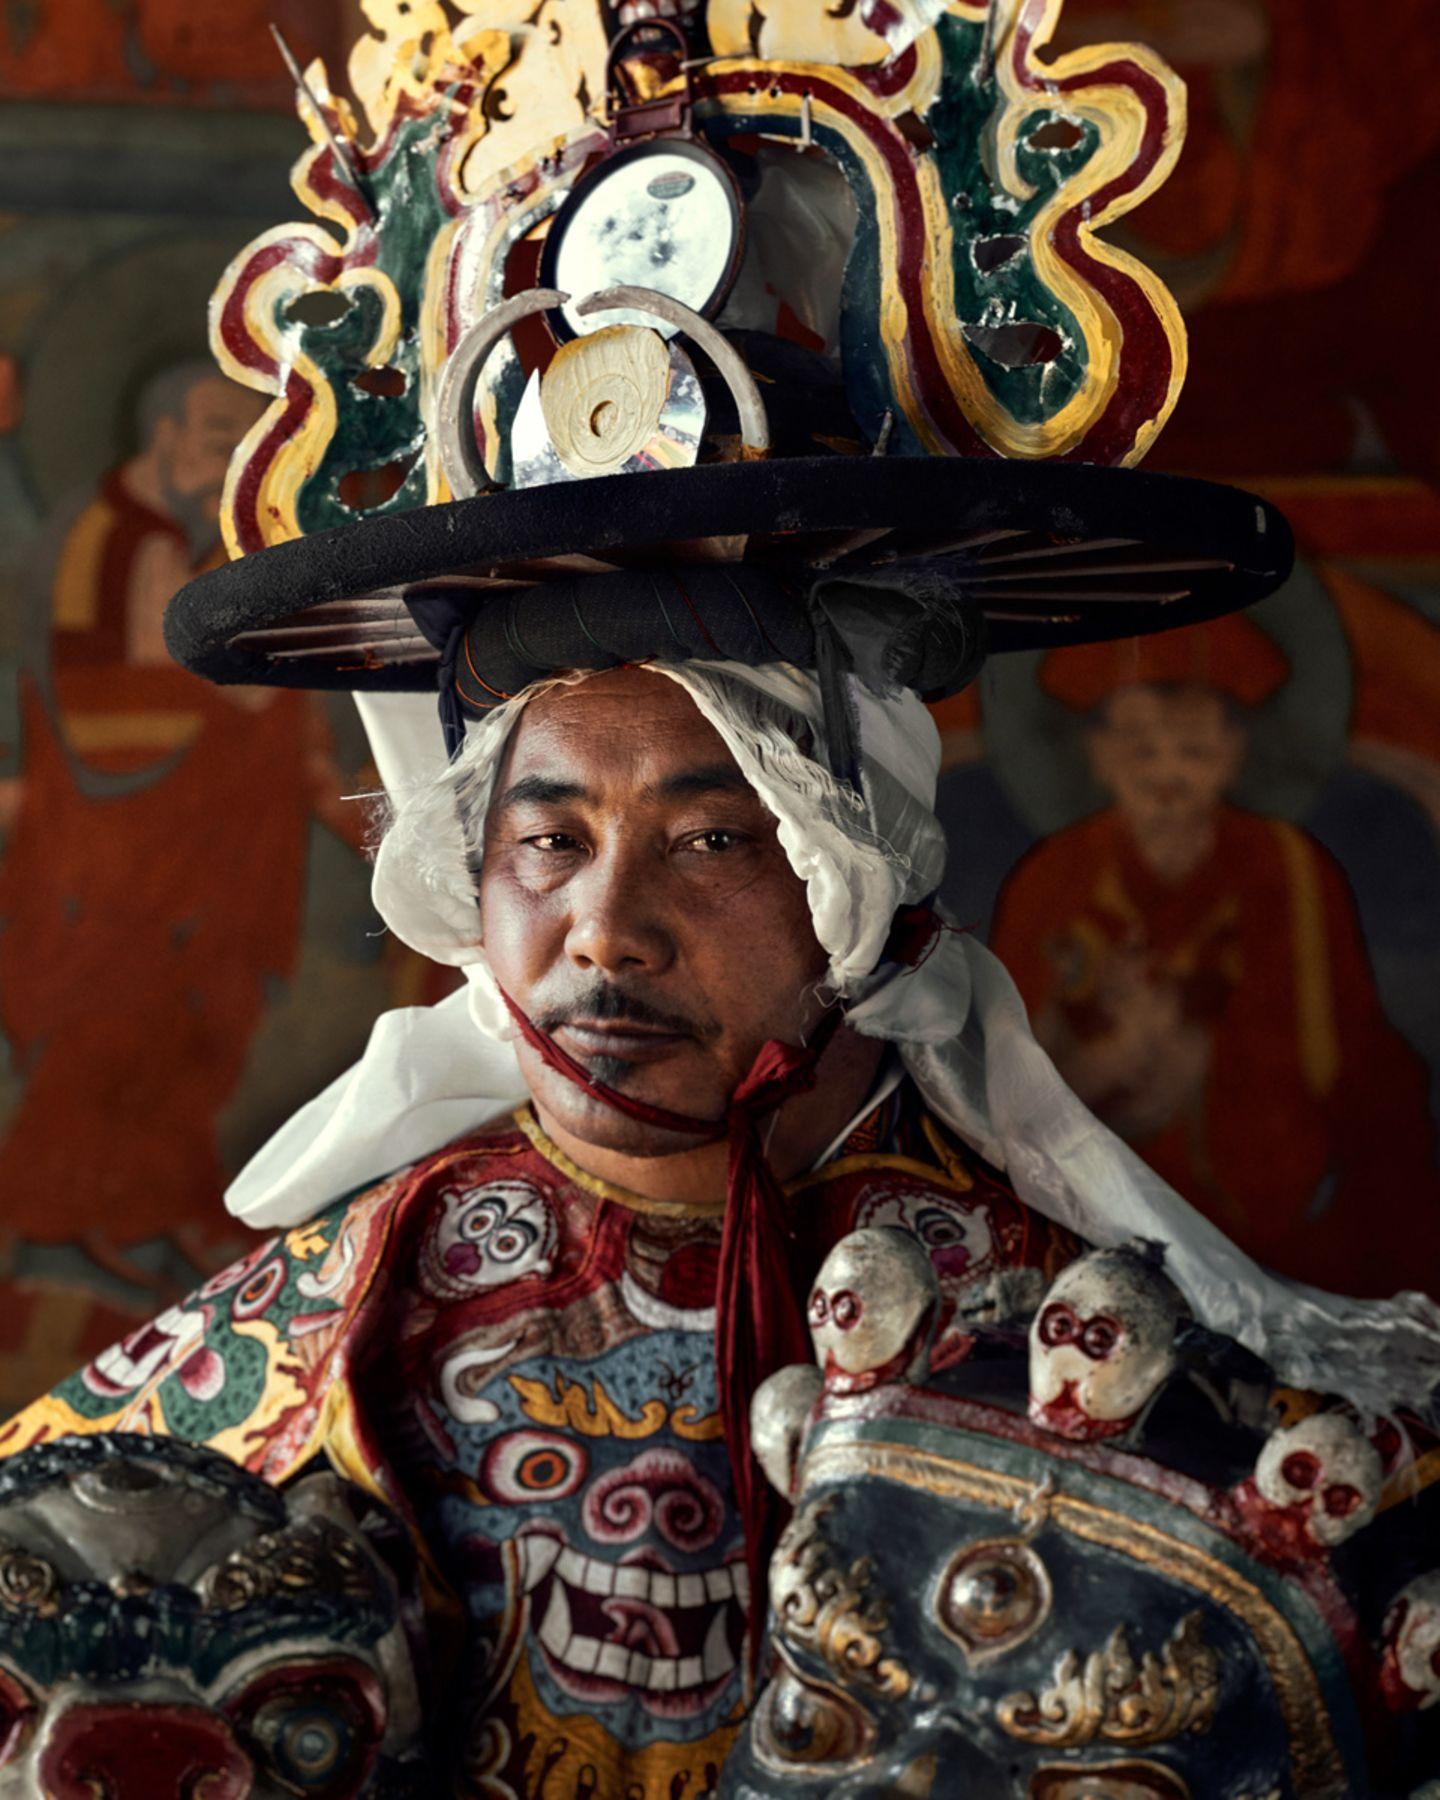 Mönch in aufwendigem Kostüm